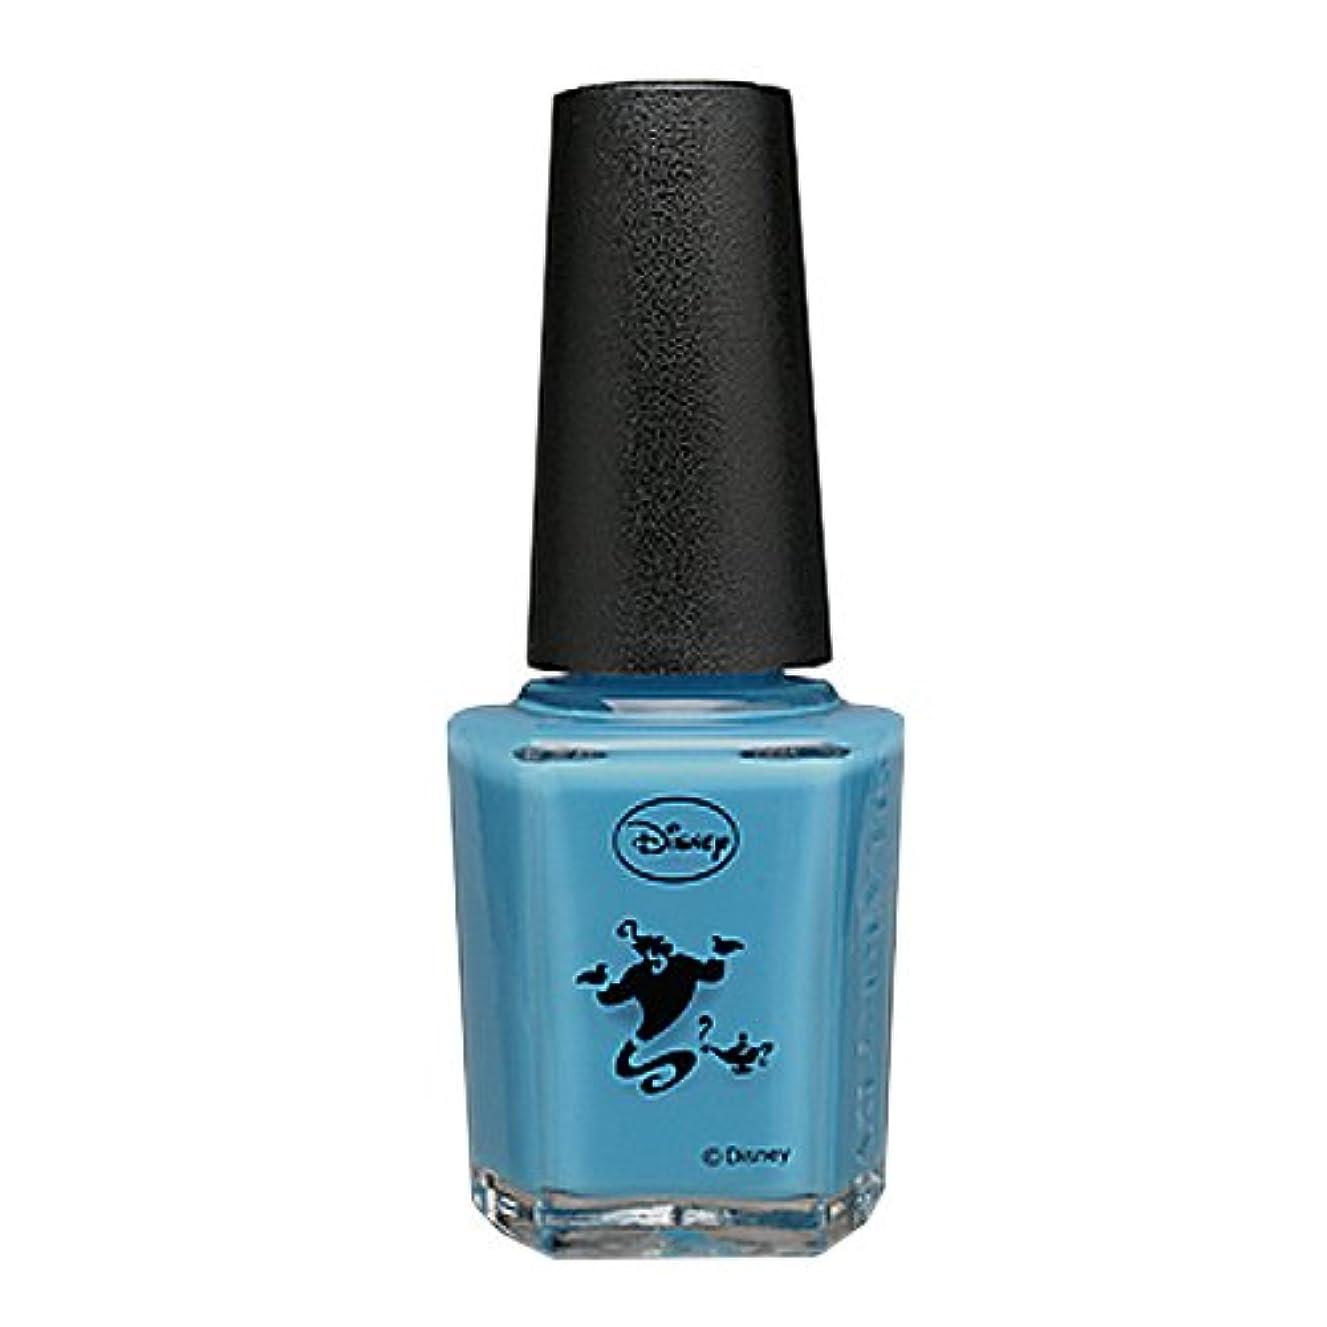 本質的にテスト振り返るSHAREYDVA カラー No.90 エキゾチックブルー 15ml